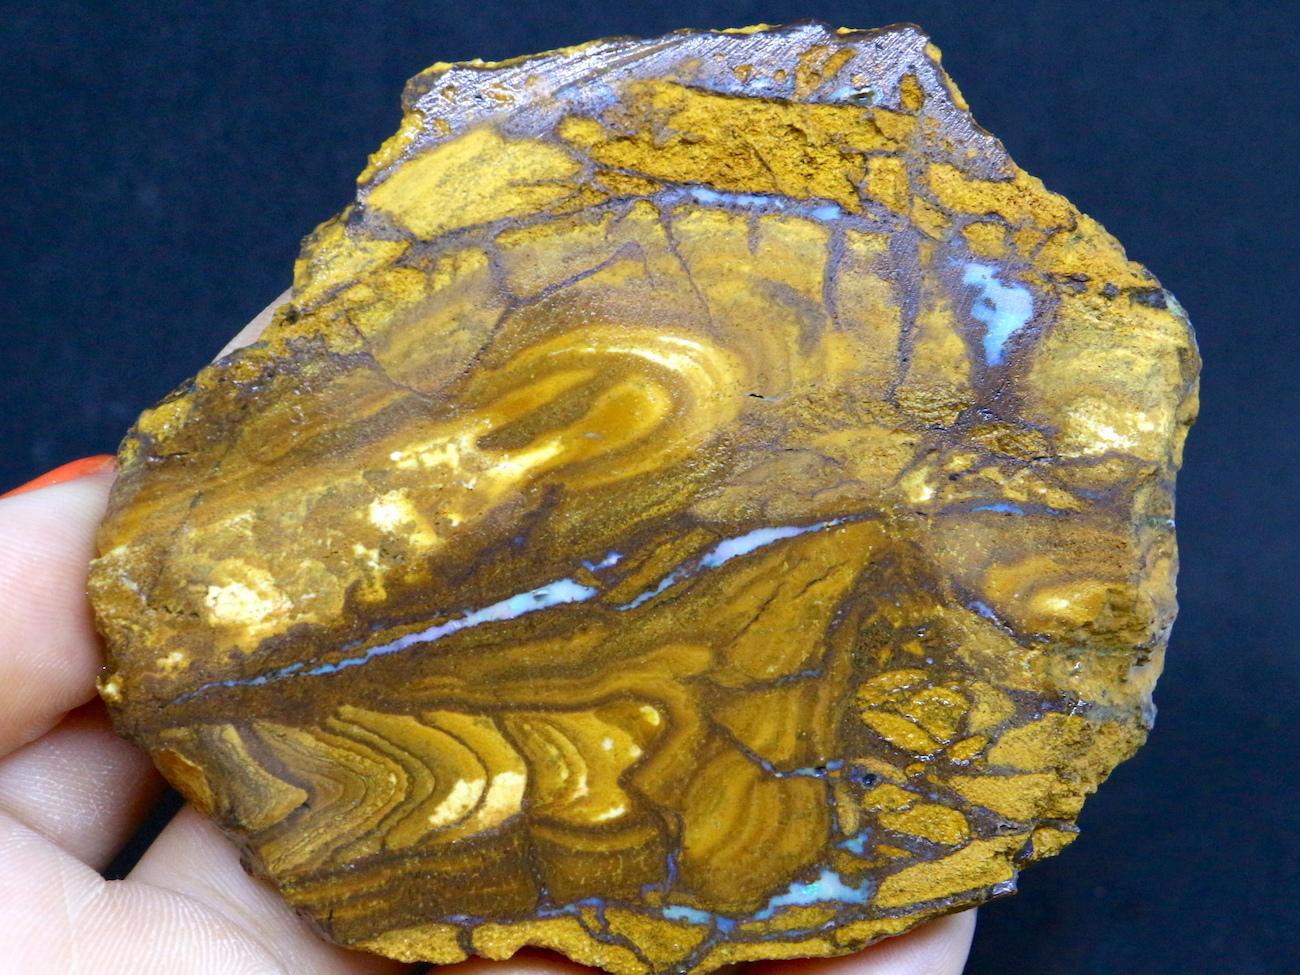 ボルダー オパール スライス オーストラリア産 原石 鉱物 天然石 83,7g OP039